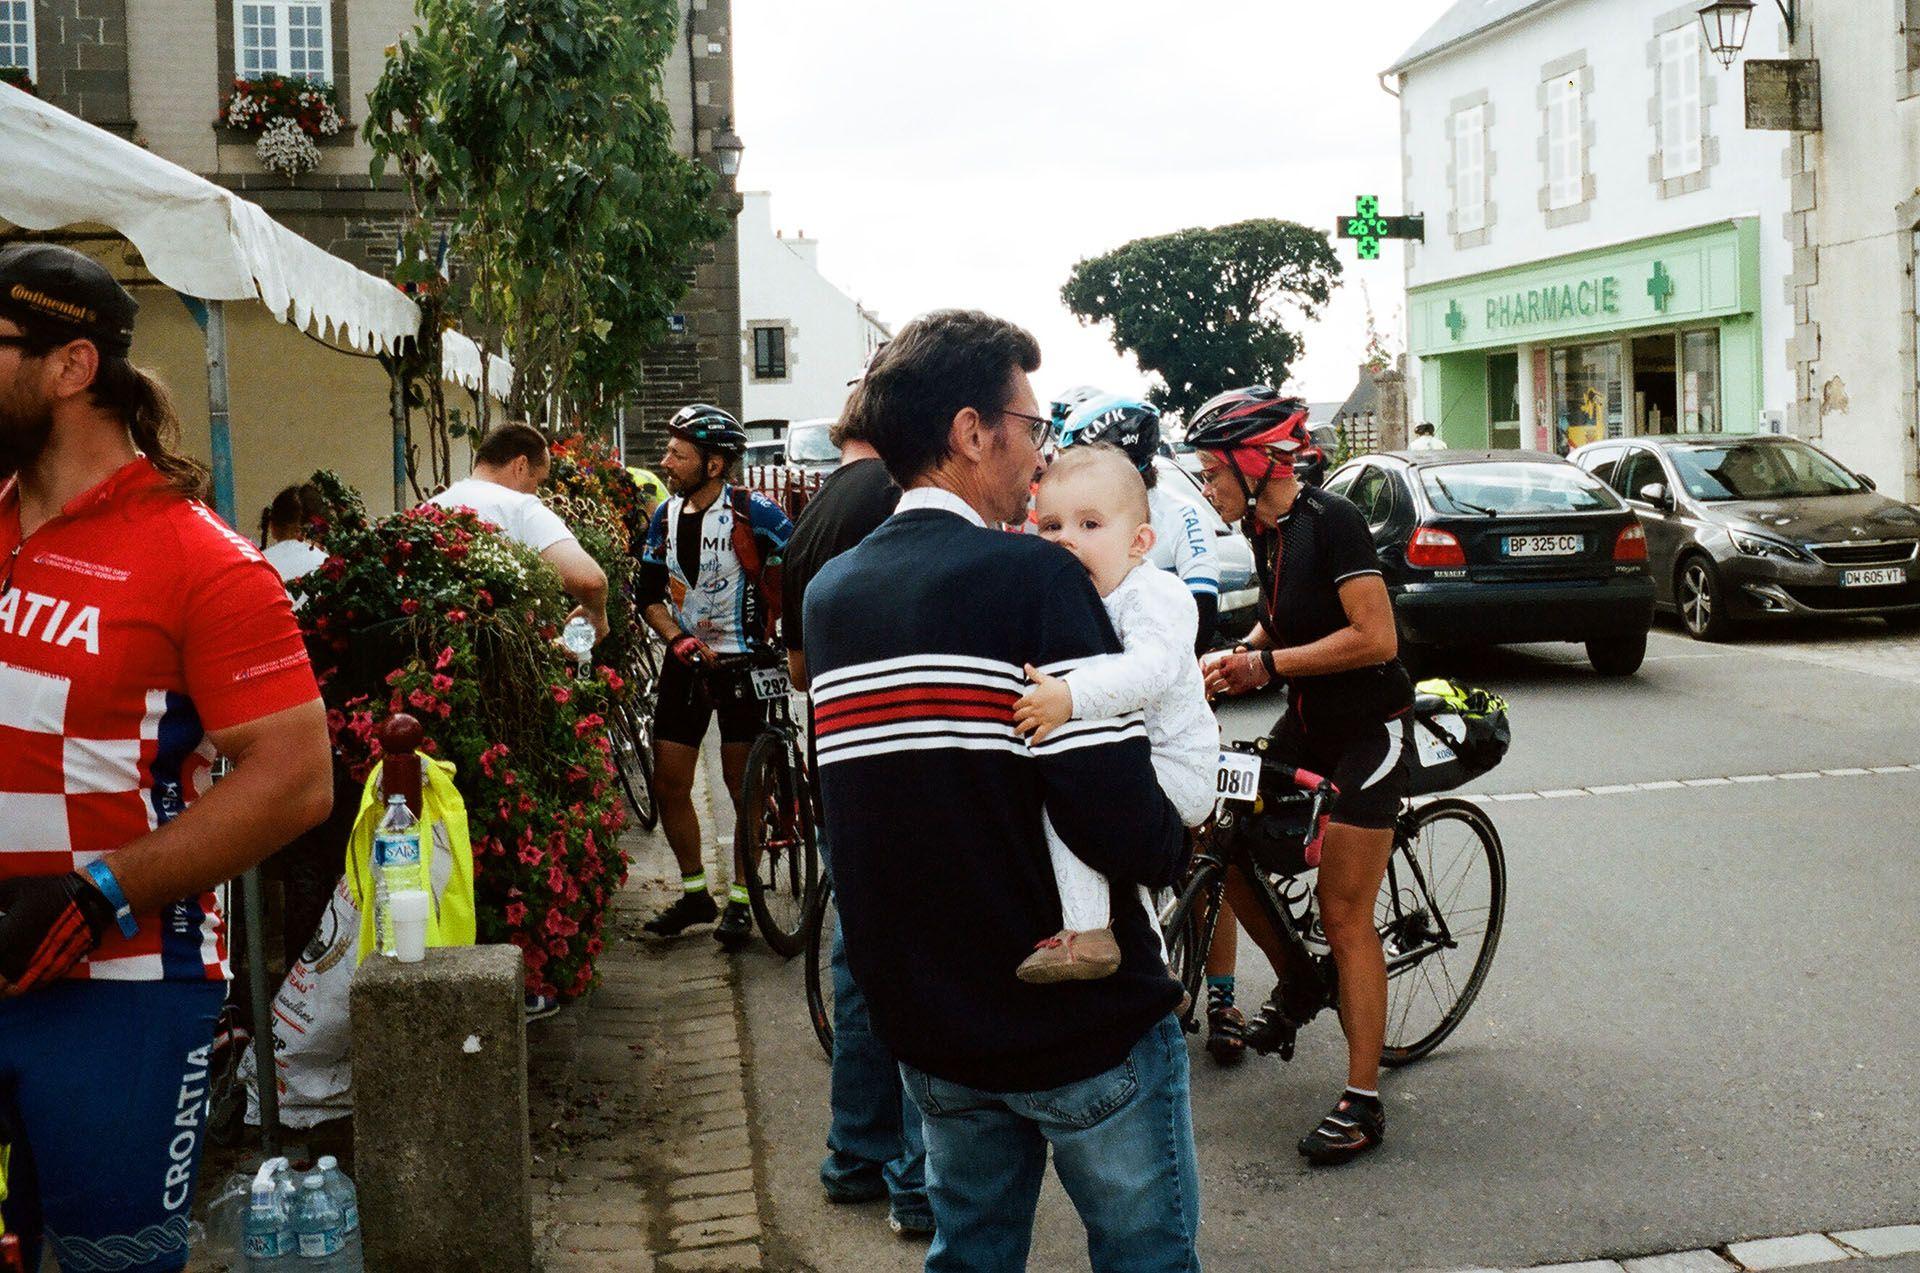 Батько із маленьким сином спостерігають за учасниками марафону